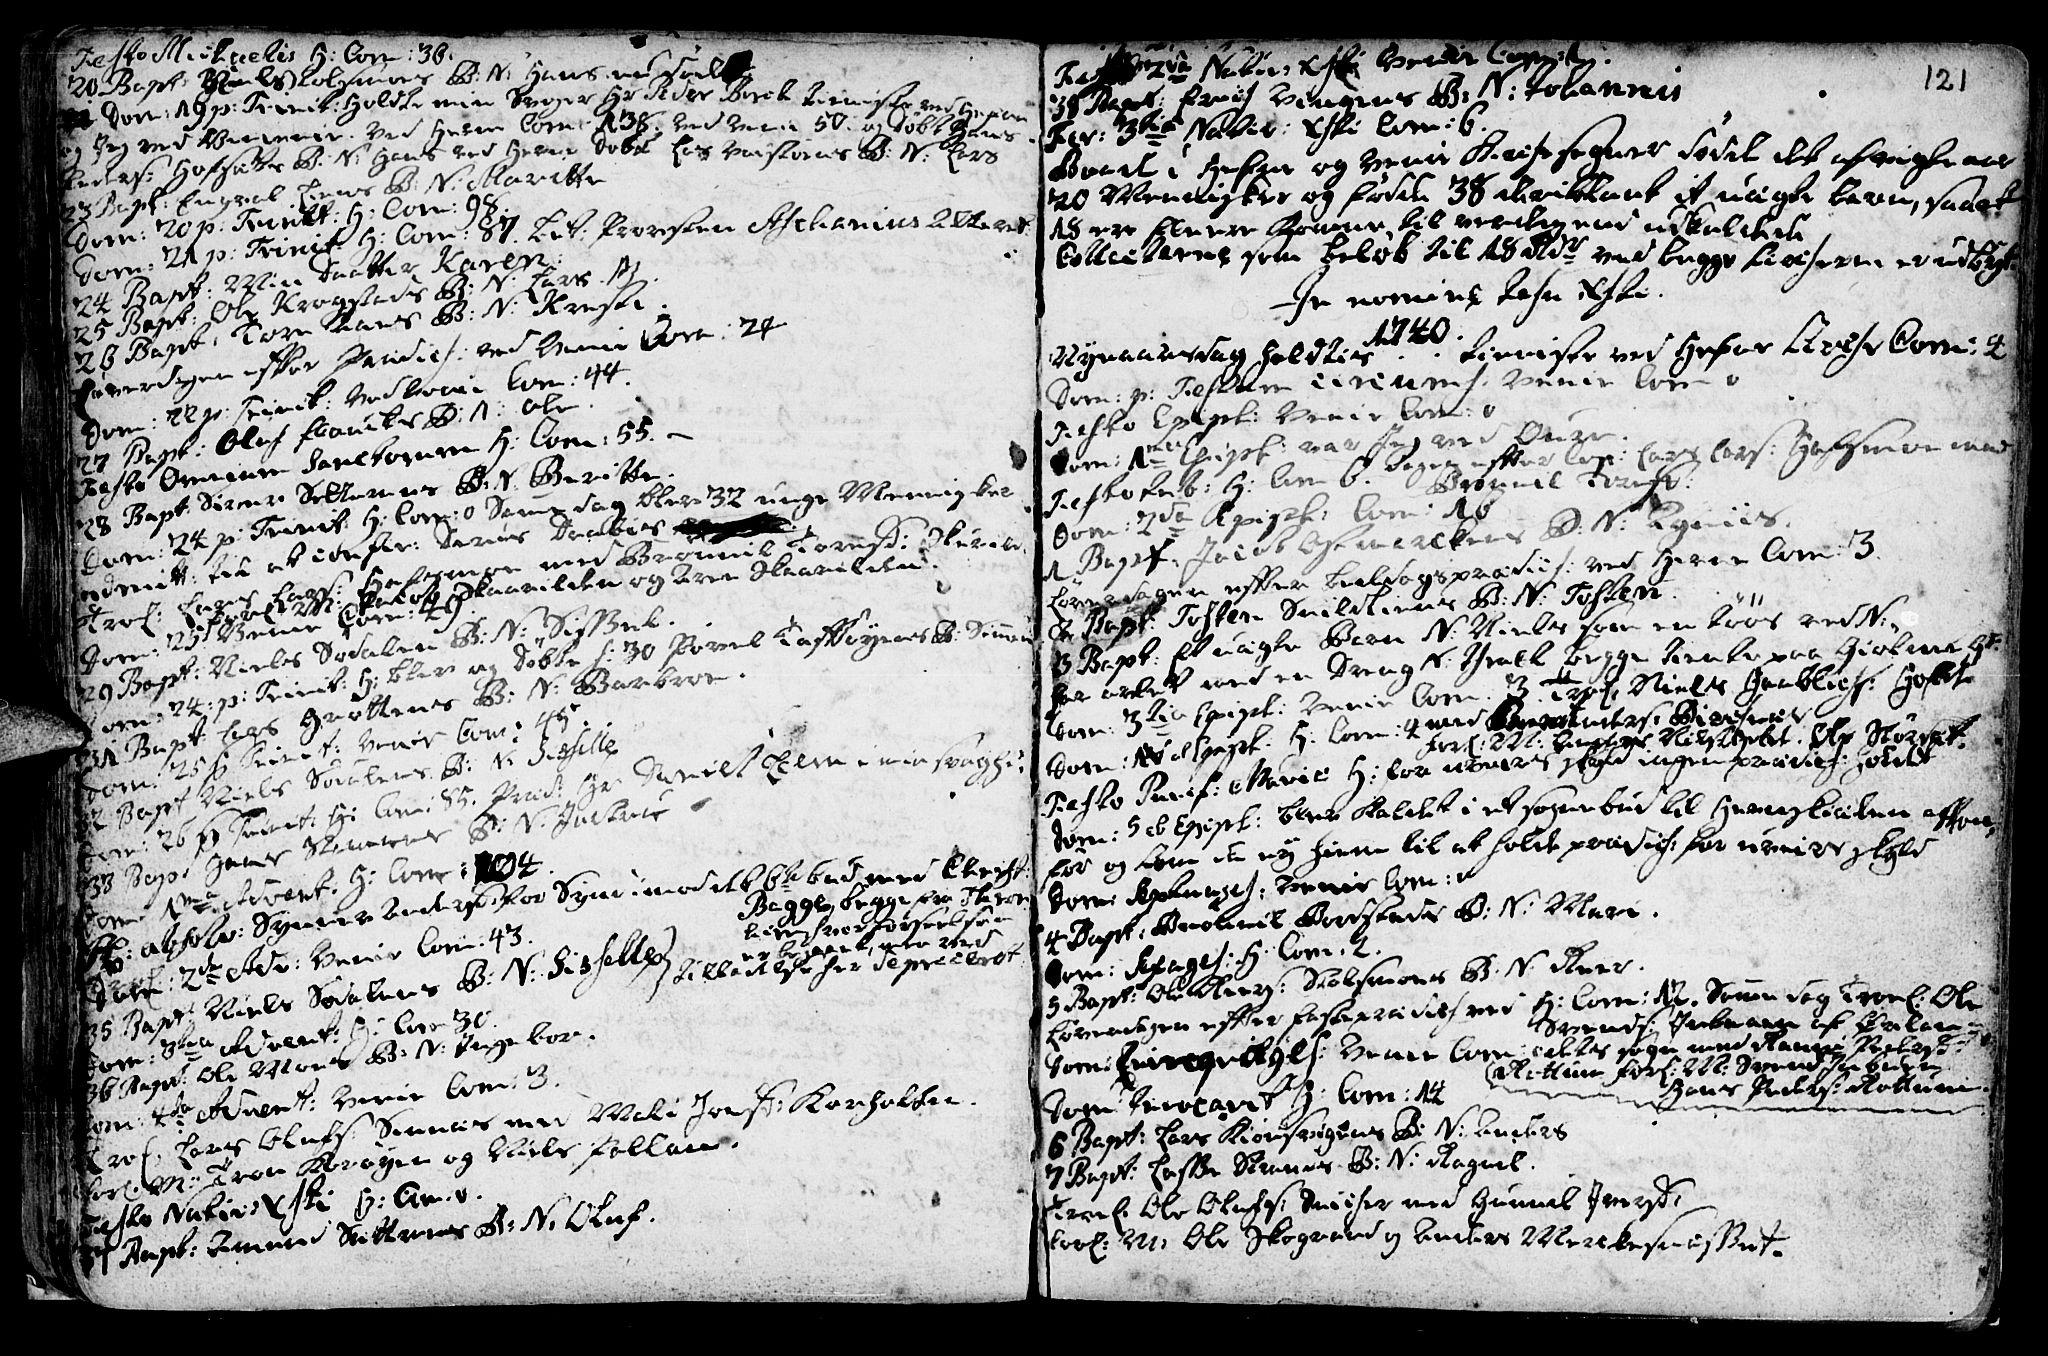 SAT, Ministerialprotokoller, klokkerbøker og fødselsregistre - Sør-Trøndelag, 630/L0488: Ministerialbok nr. 630A01, 1717-1756, s. 120-121